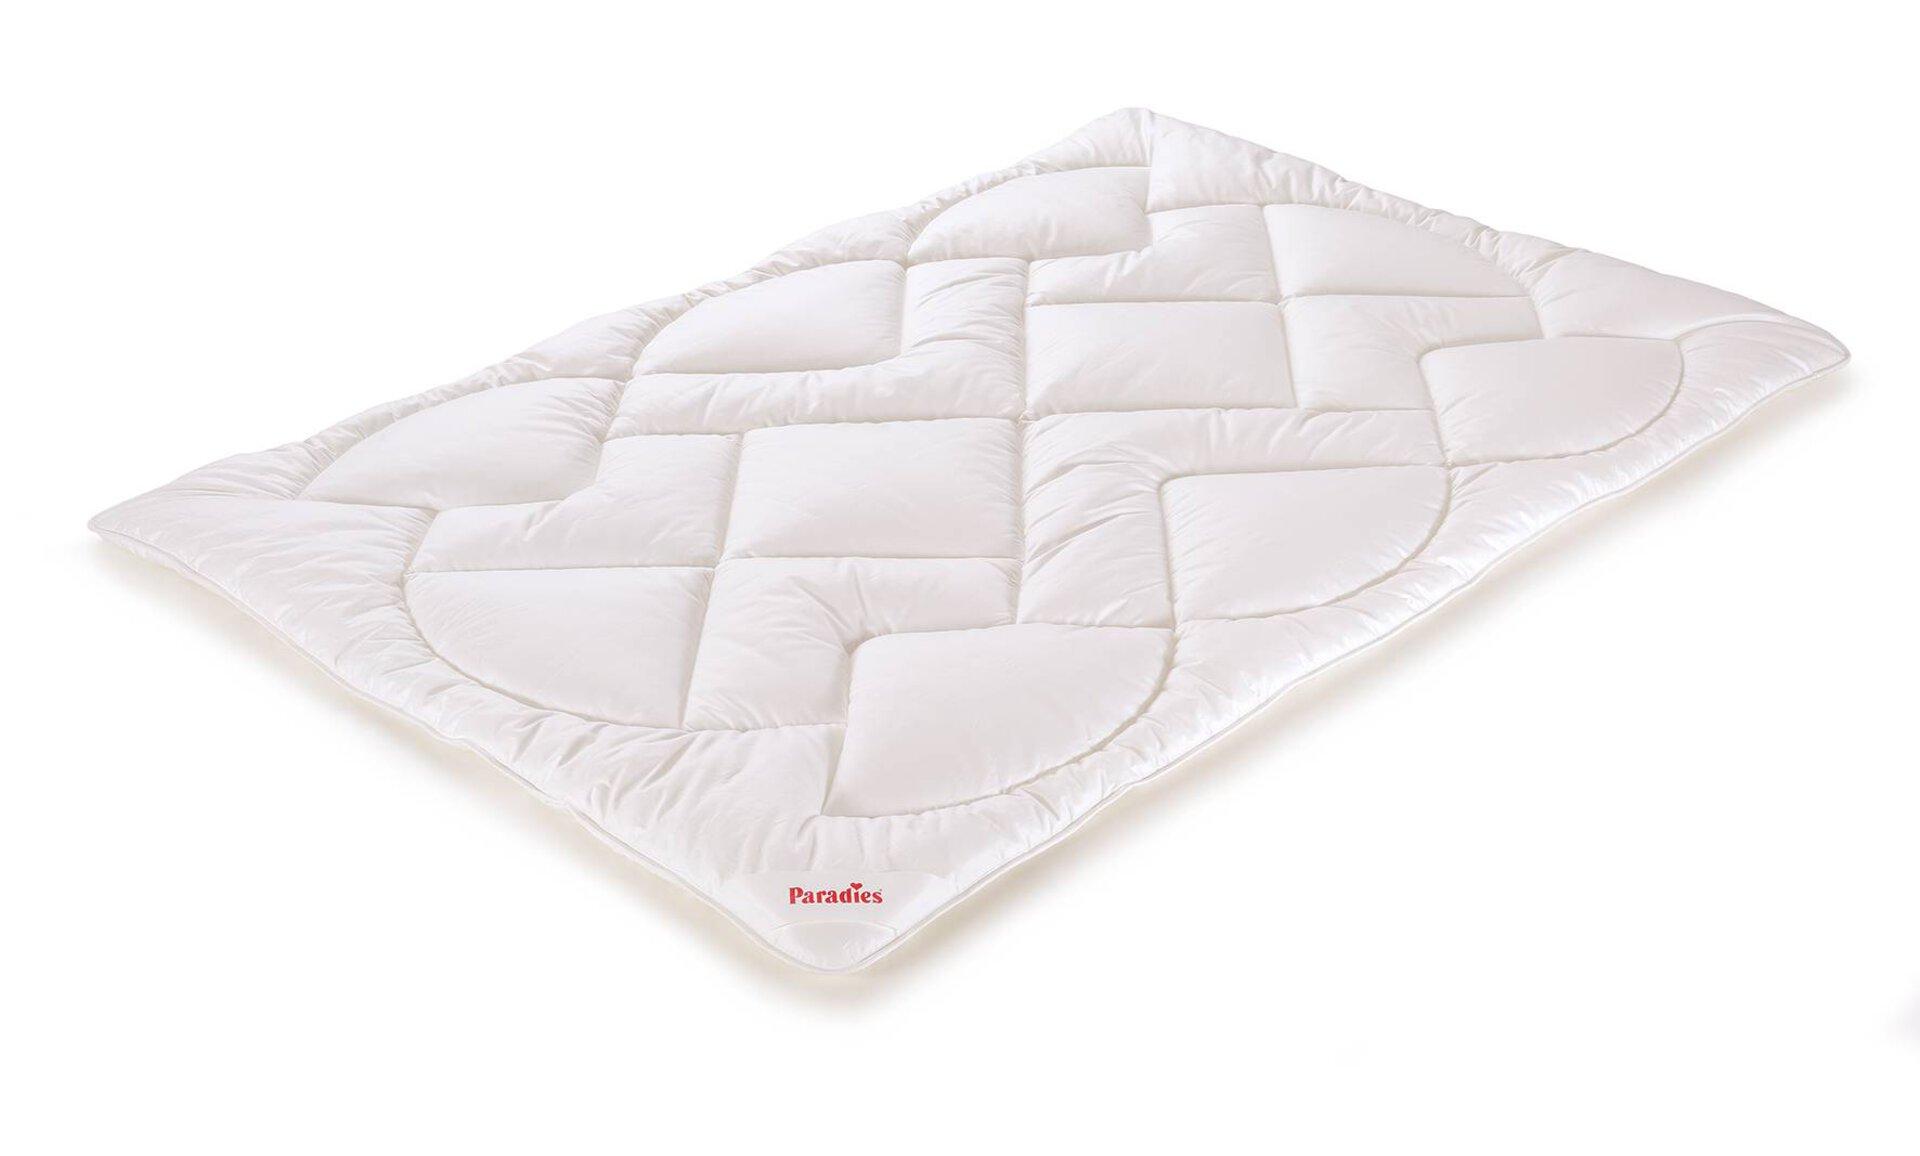 Winterdecke Anela Bio winterwarm Paradies Textil weiß 135 x 200 cm